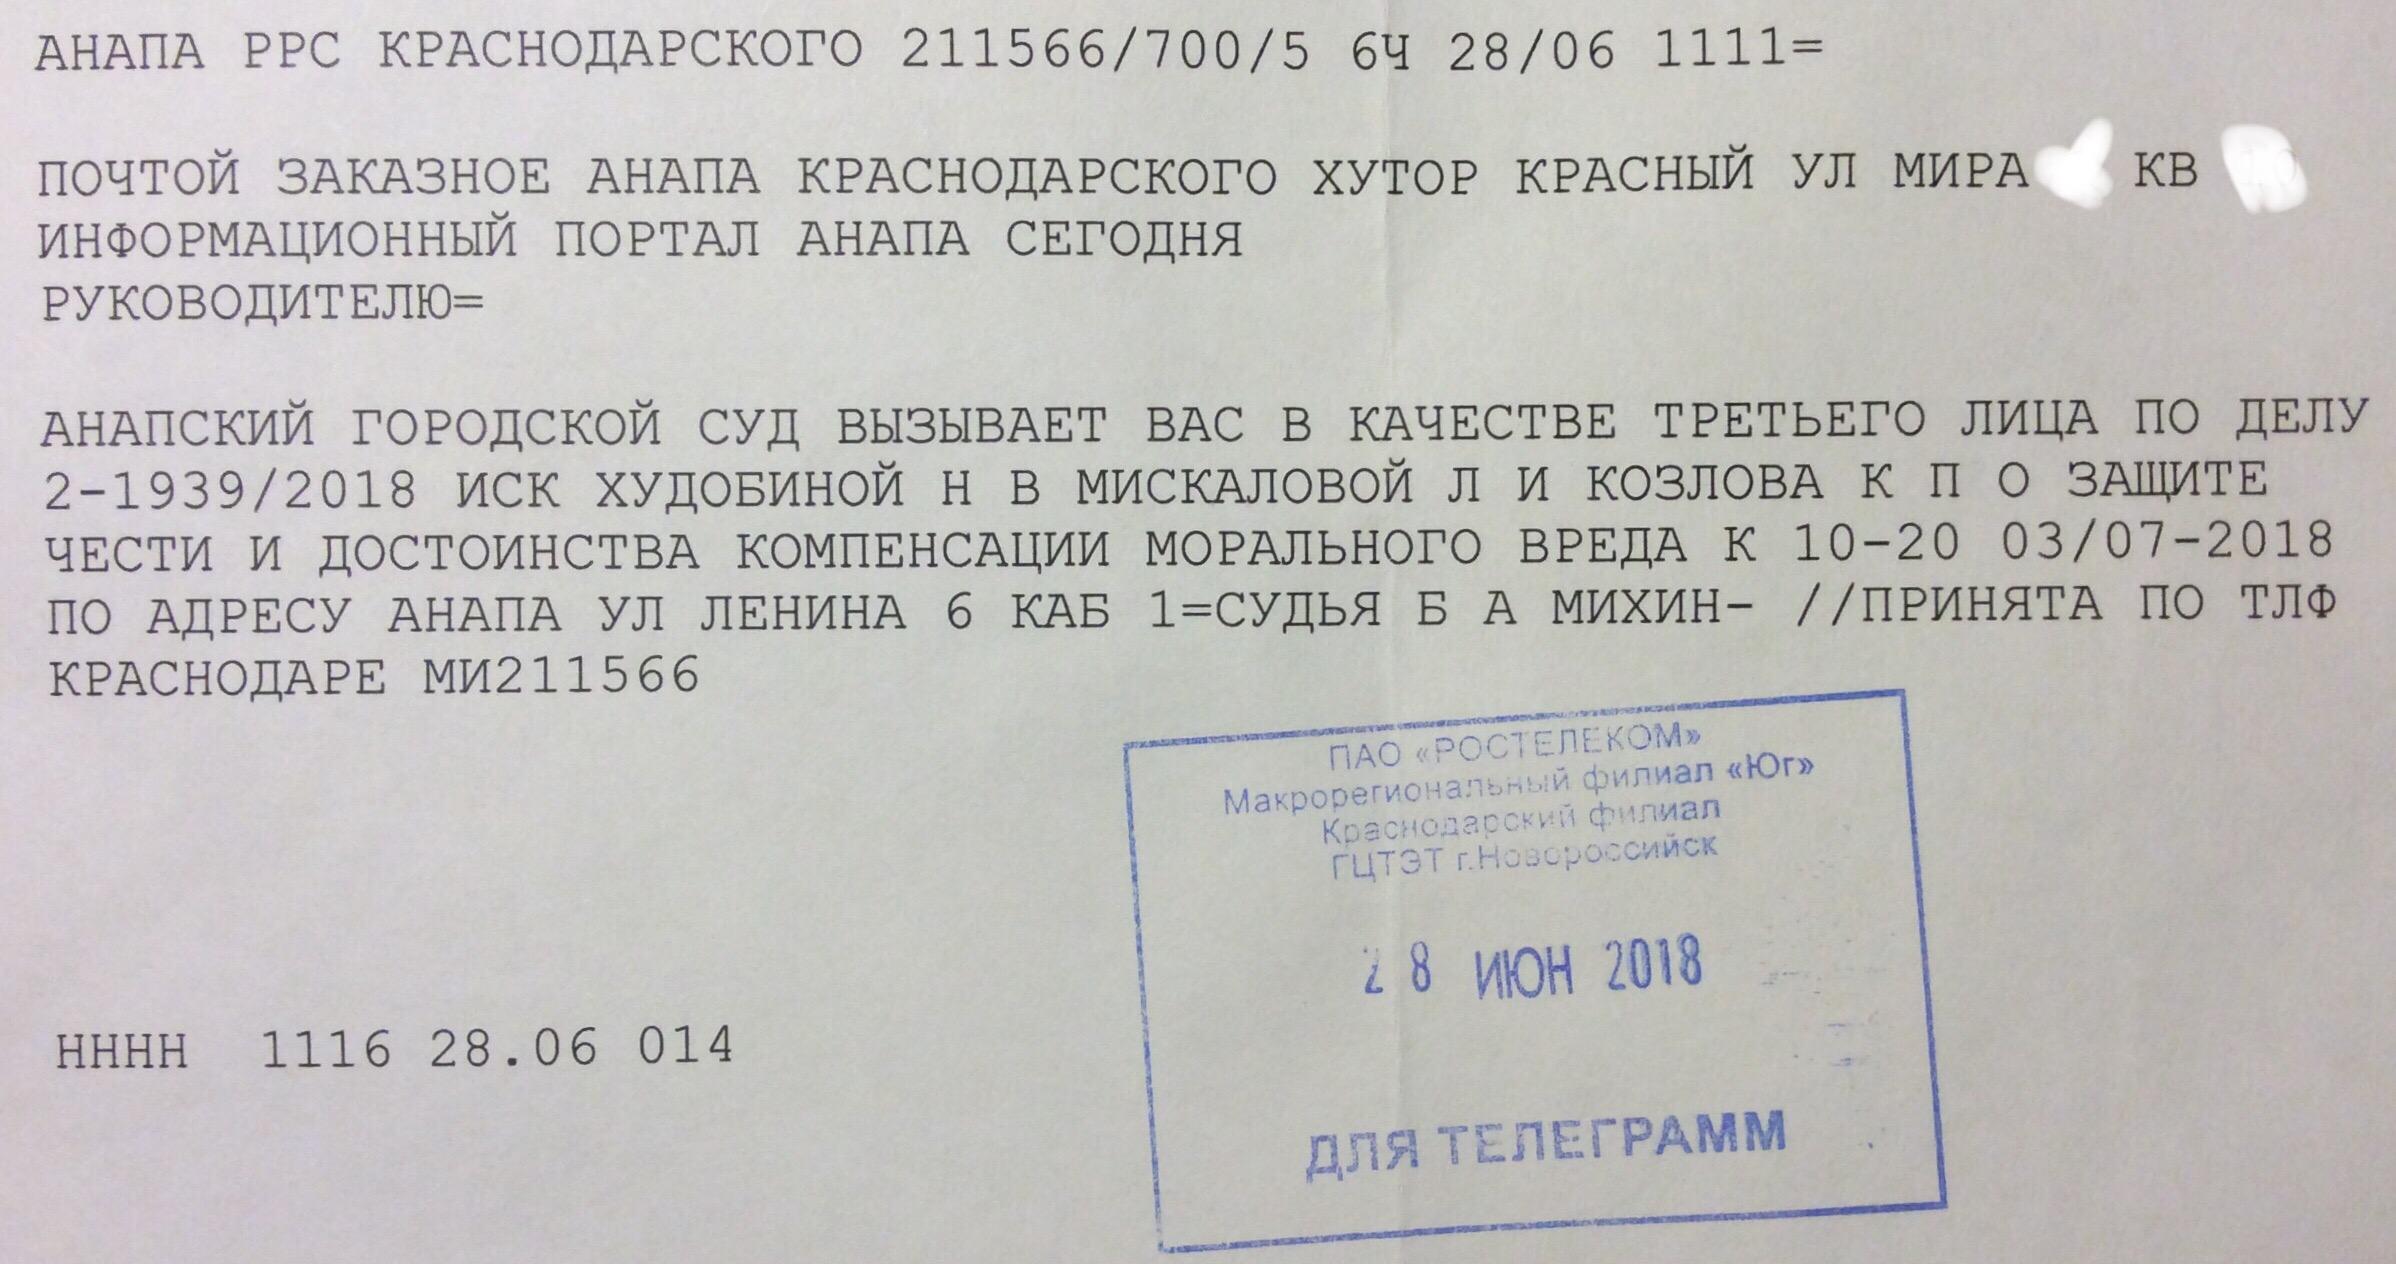 вызывают ли в суд телеграммой